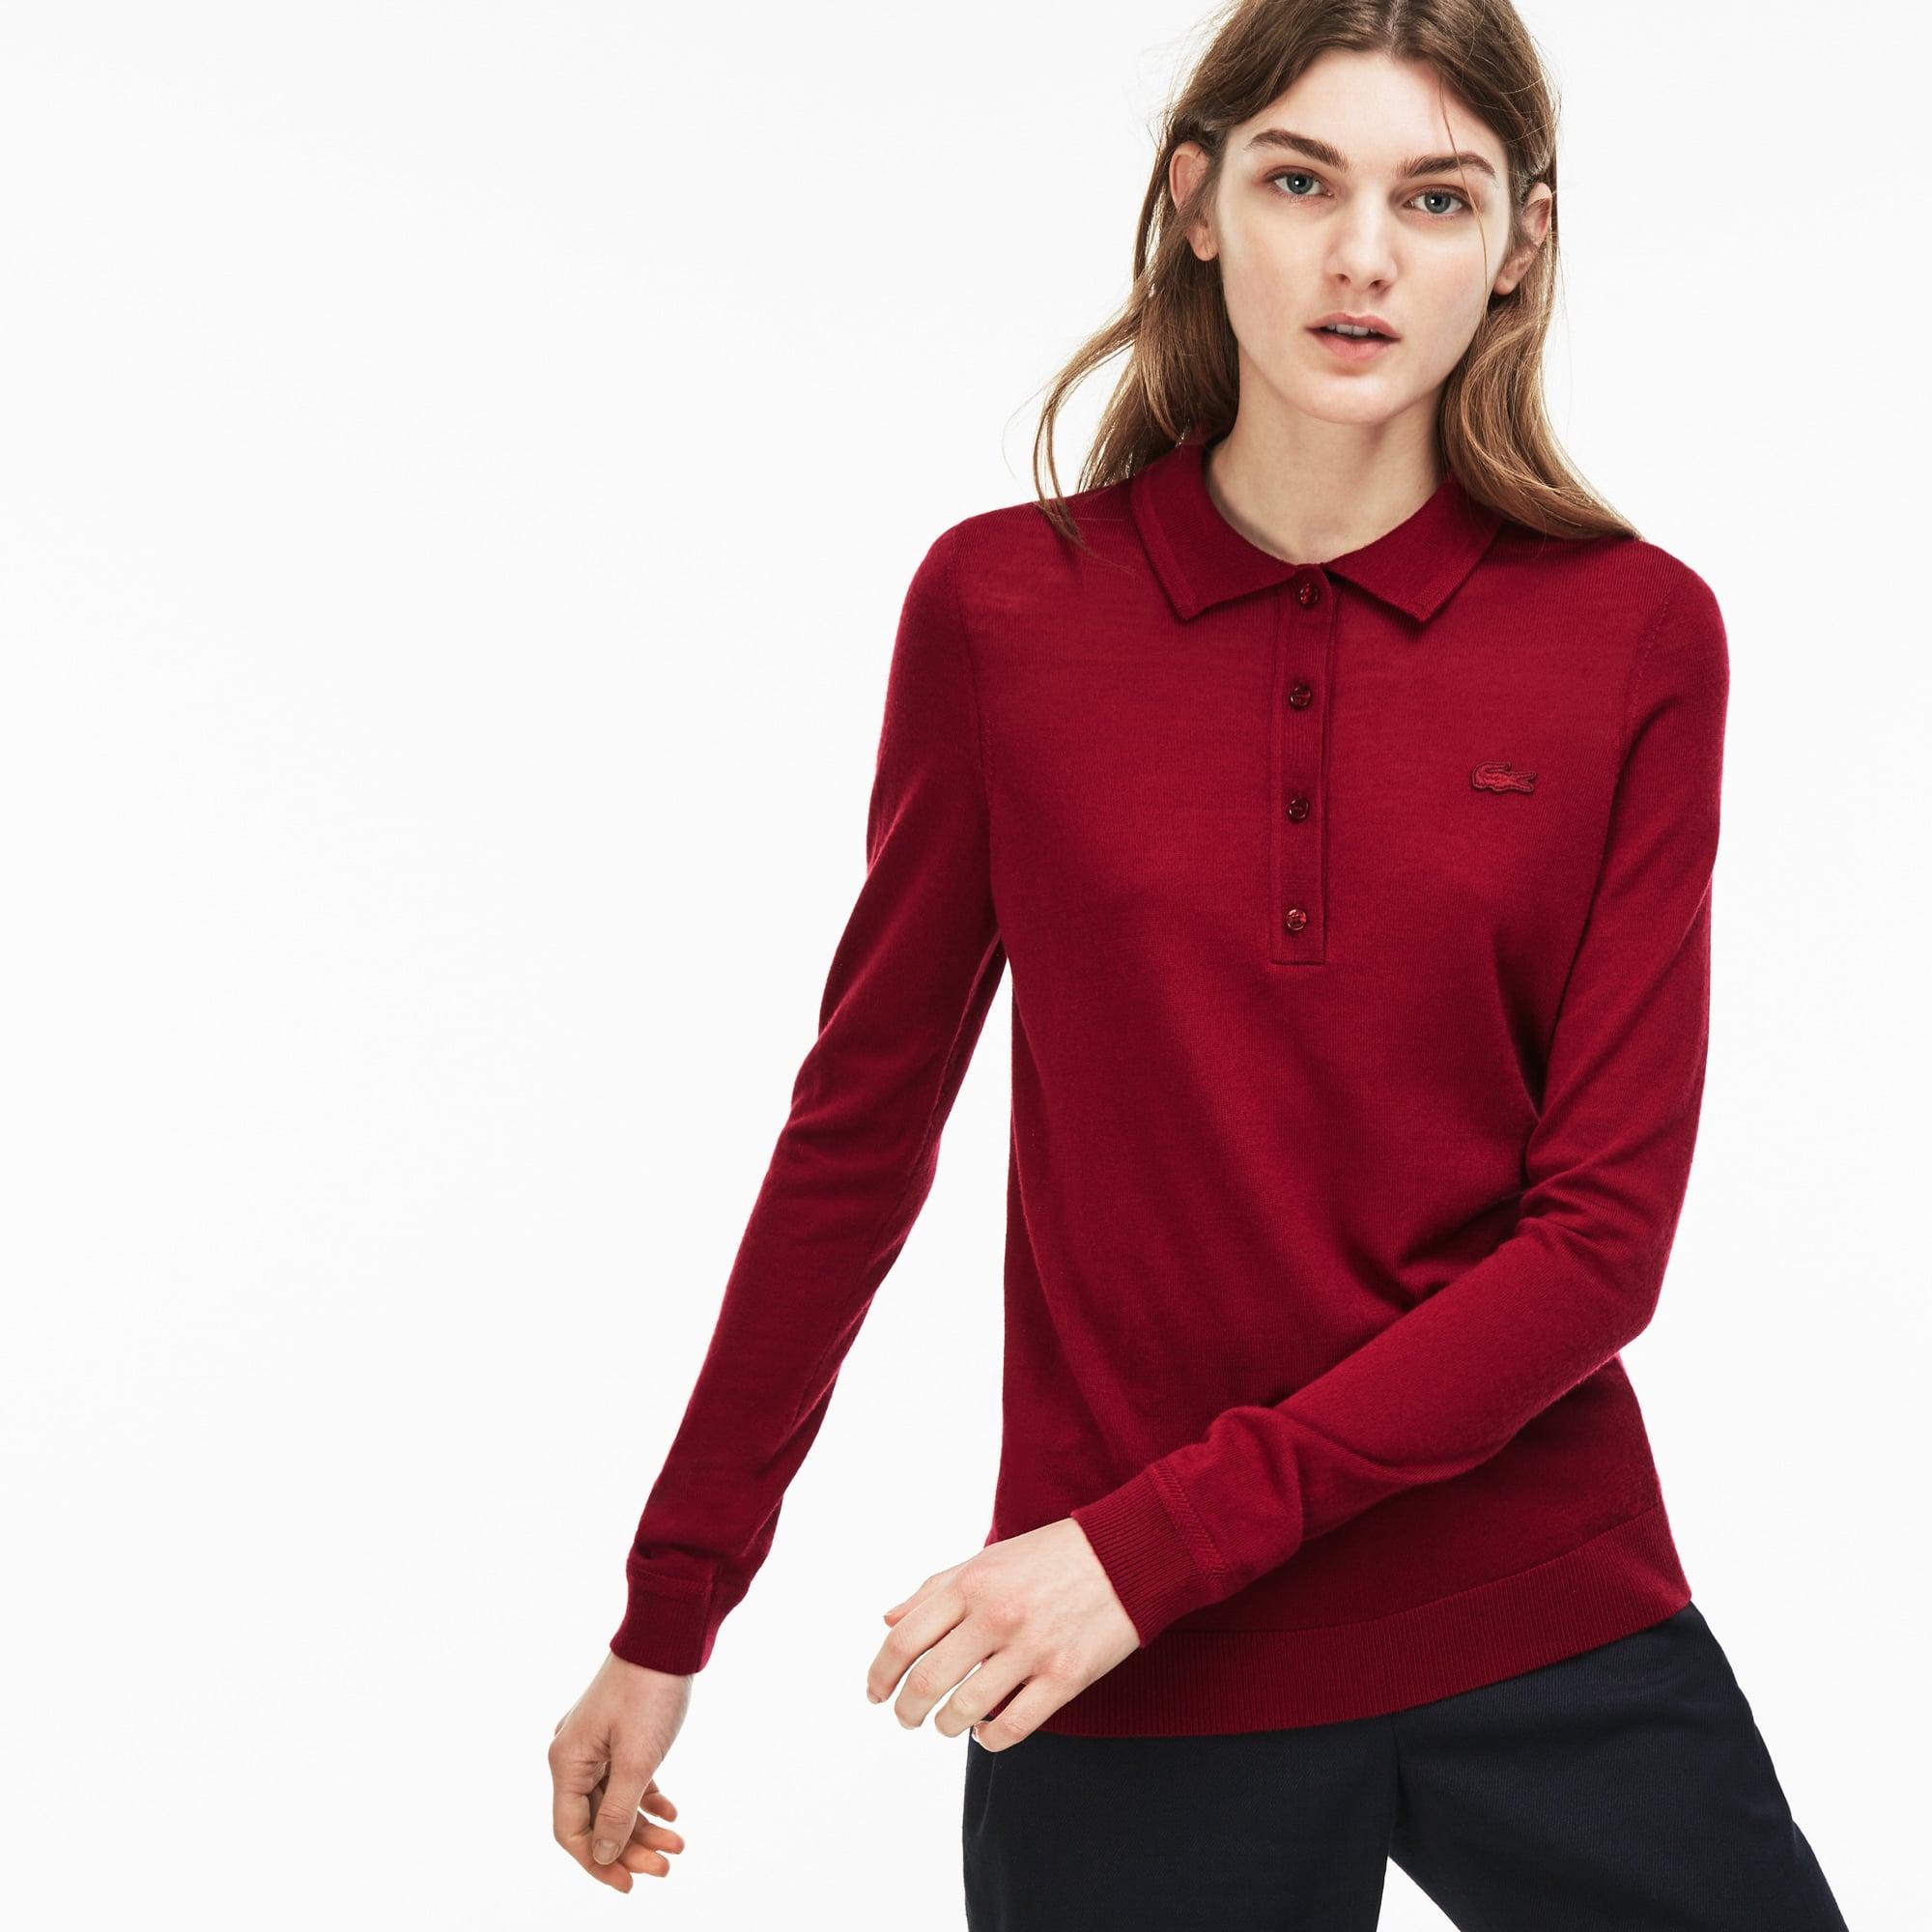 Women's Wool Jersey Polo